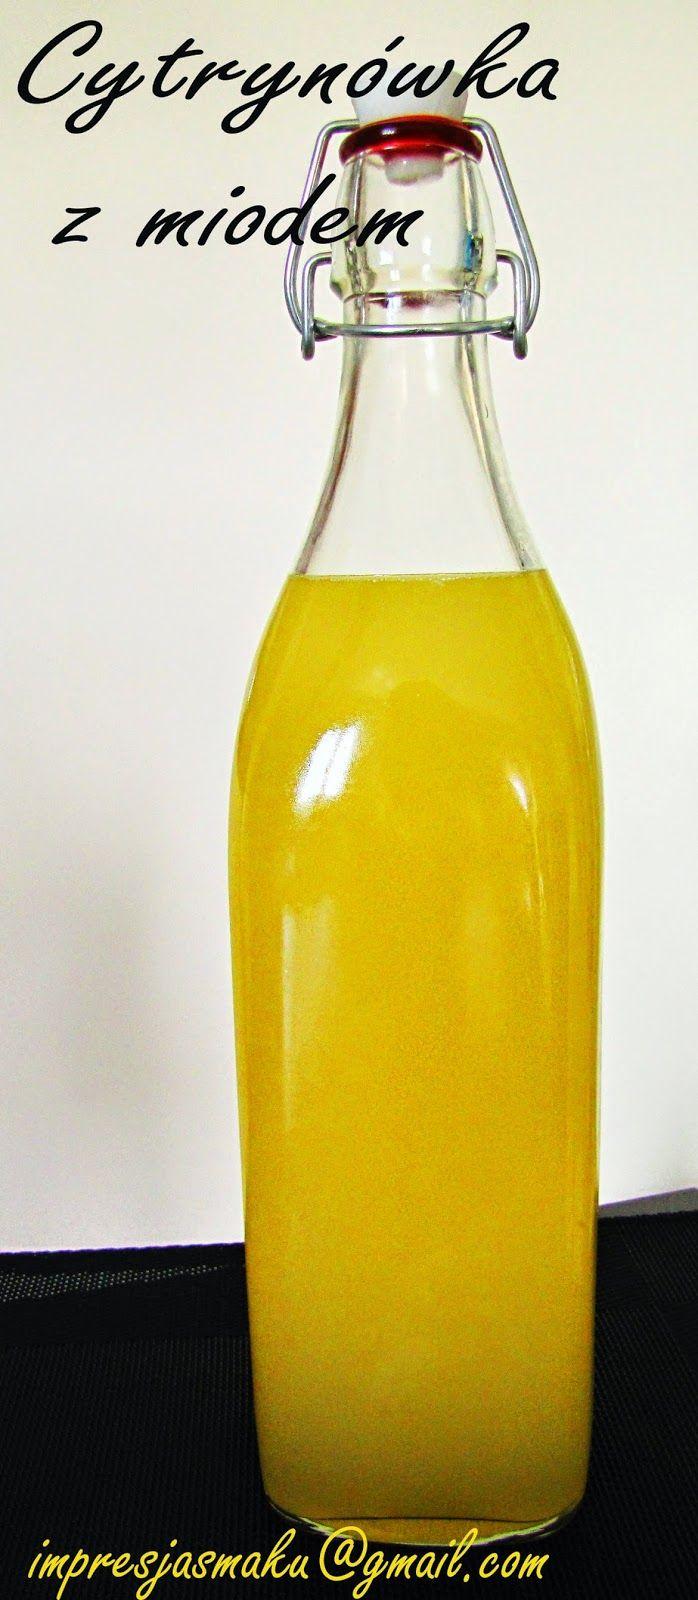 Impresja smaku...: Wódka cytrynówka z miodem (rewelacyjny zdobyczny przepis na…